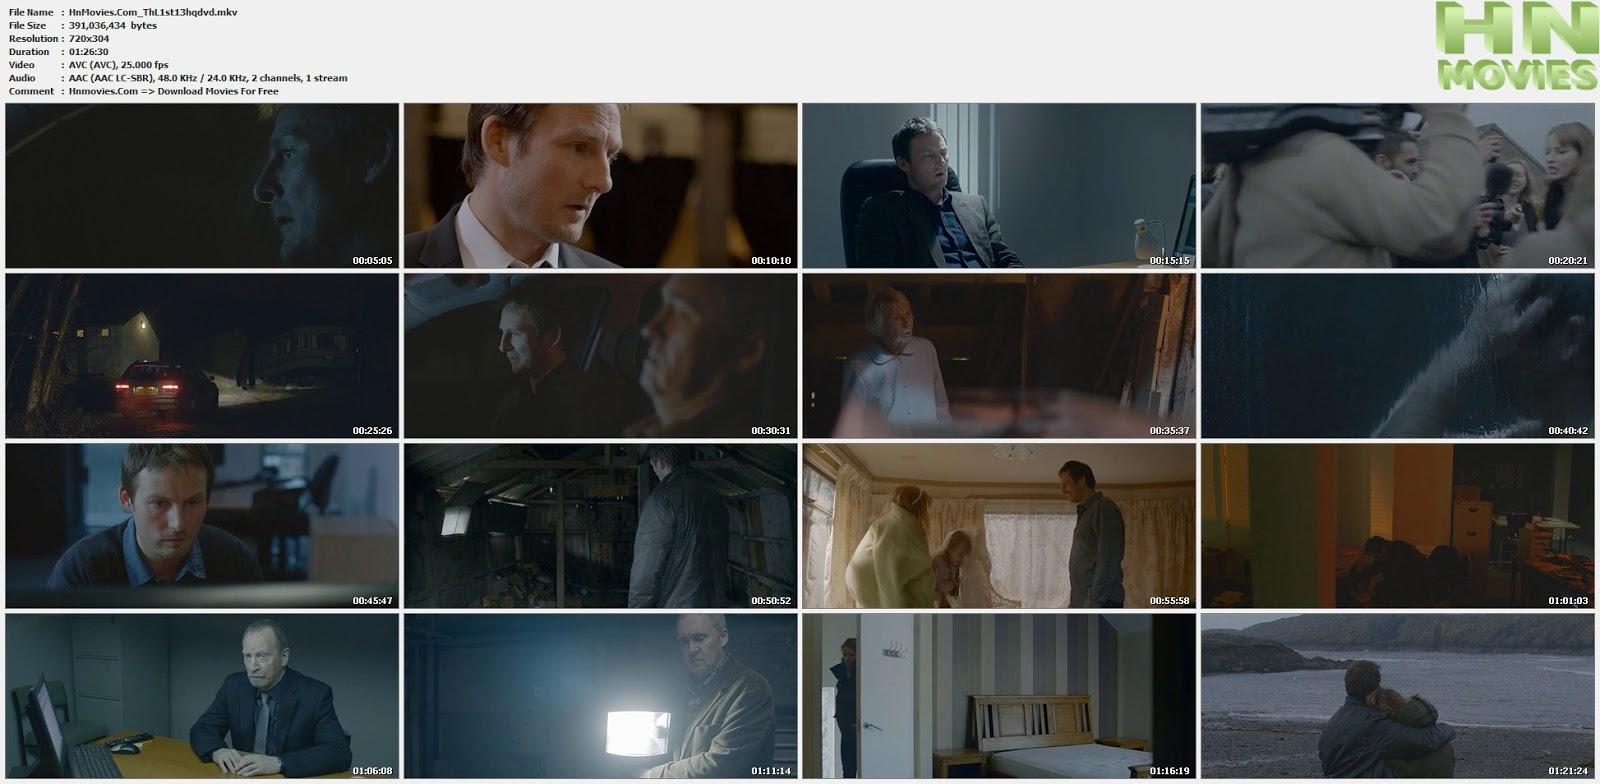 movie screenshot of The List fdmovie.com